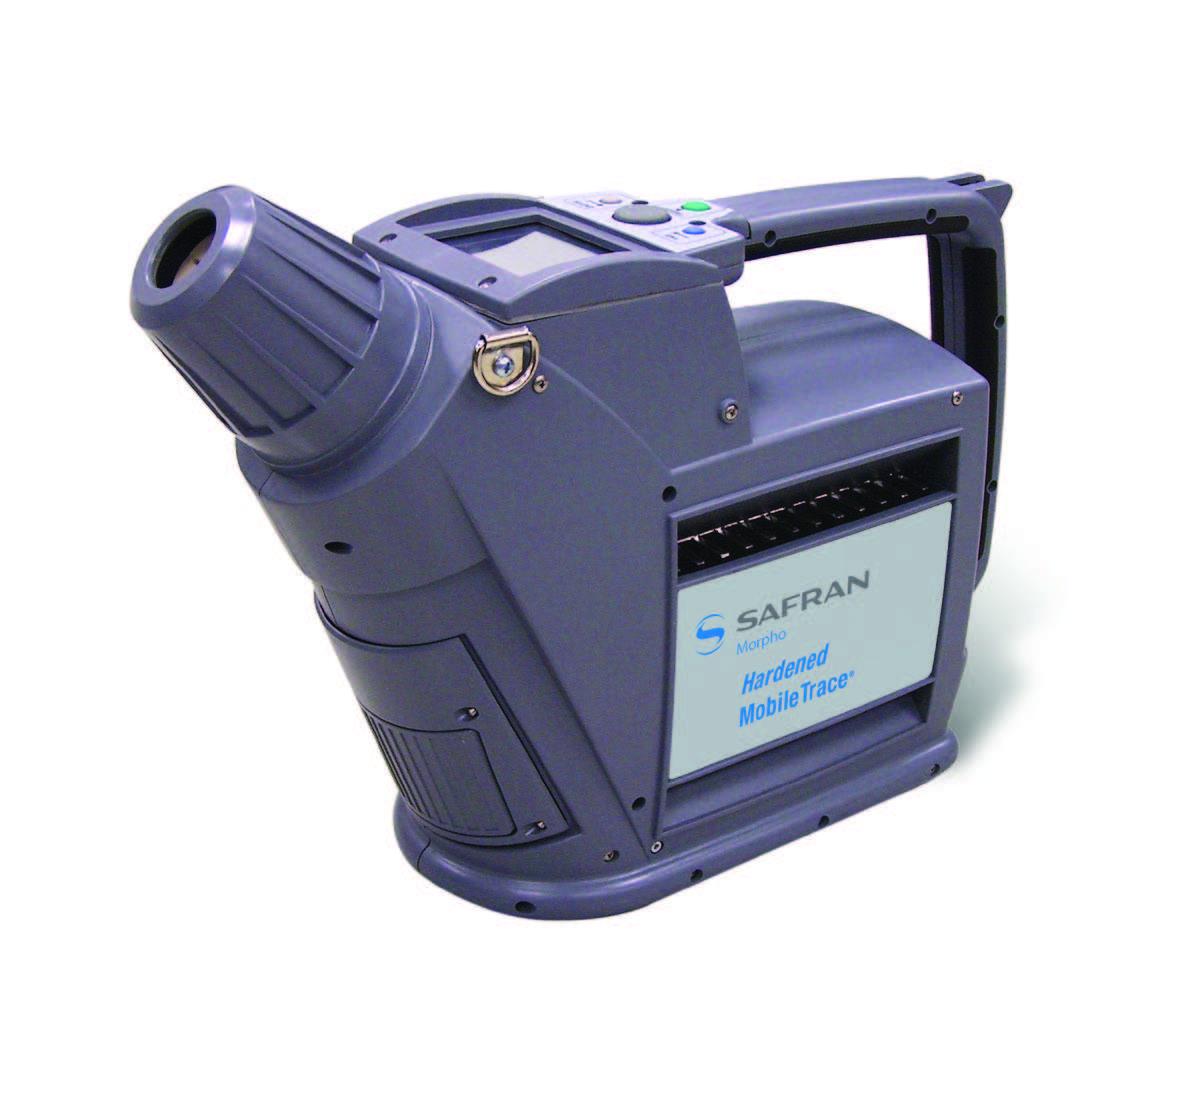 Rapiscan Hardened MobileTrace   US Testing Equipment, Ltd